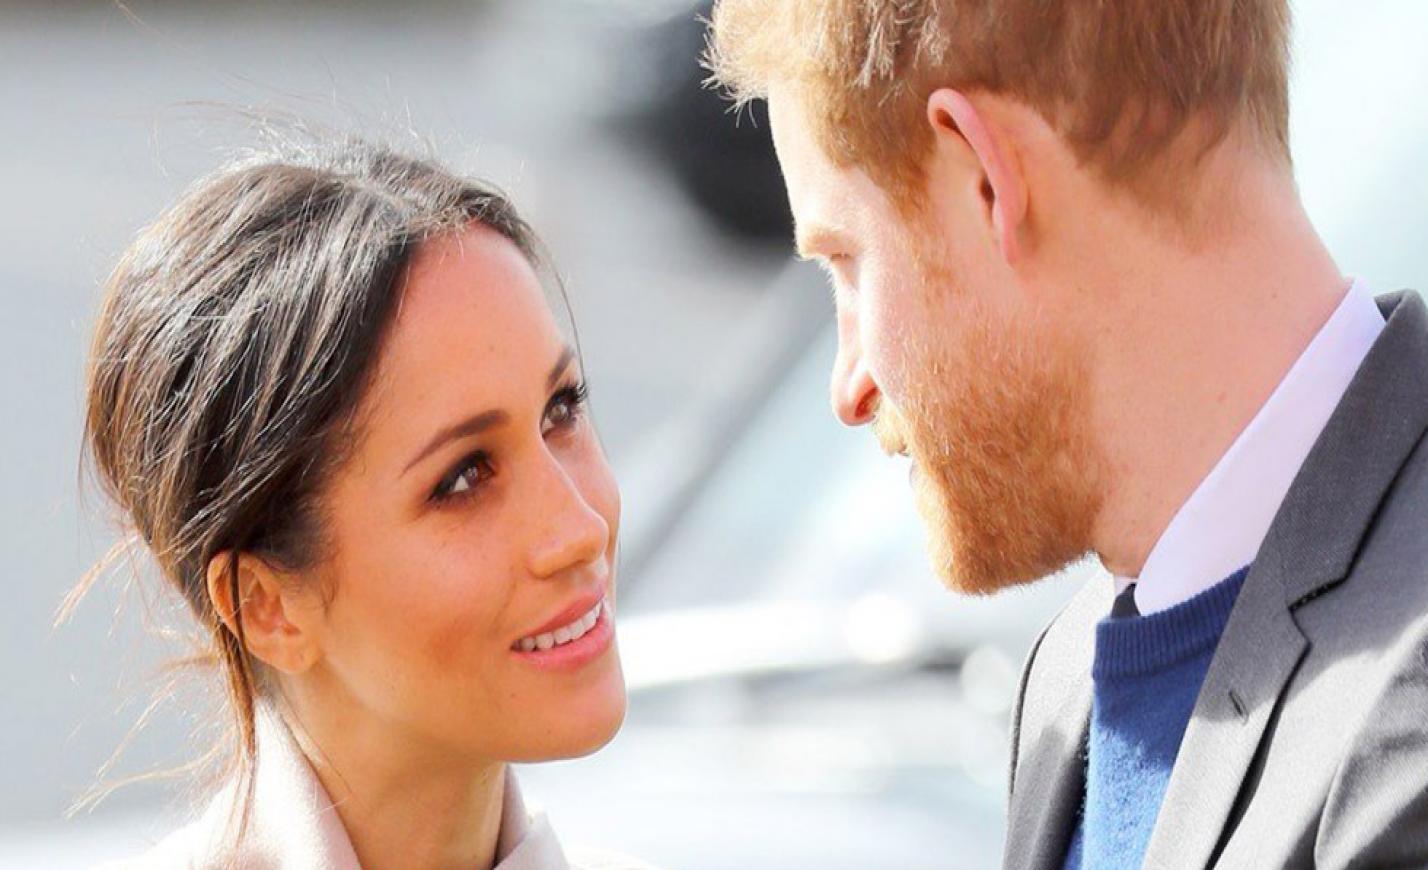 Kiderült, Harry vagy Meghan vallott-e először szerelmet